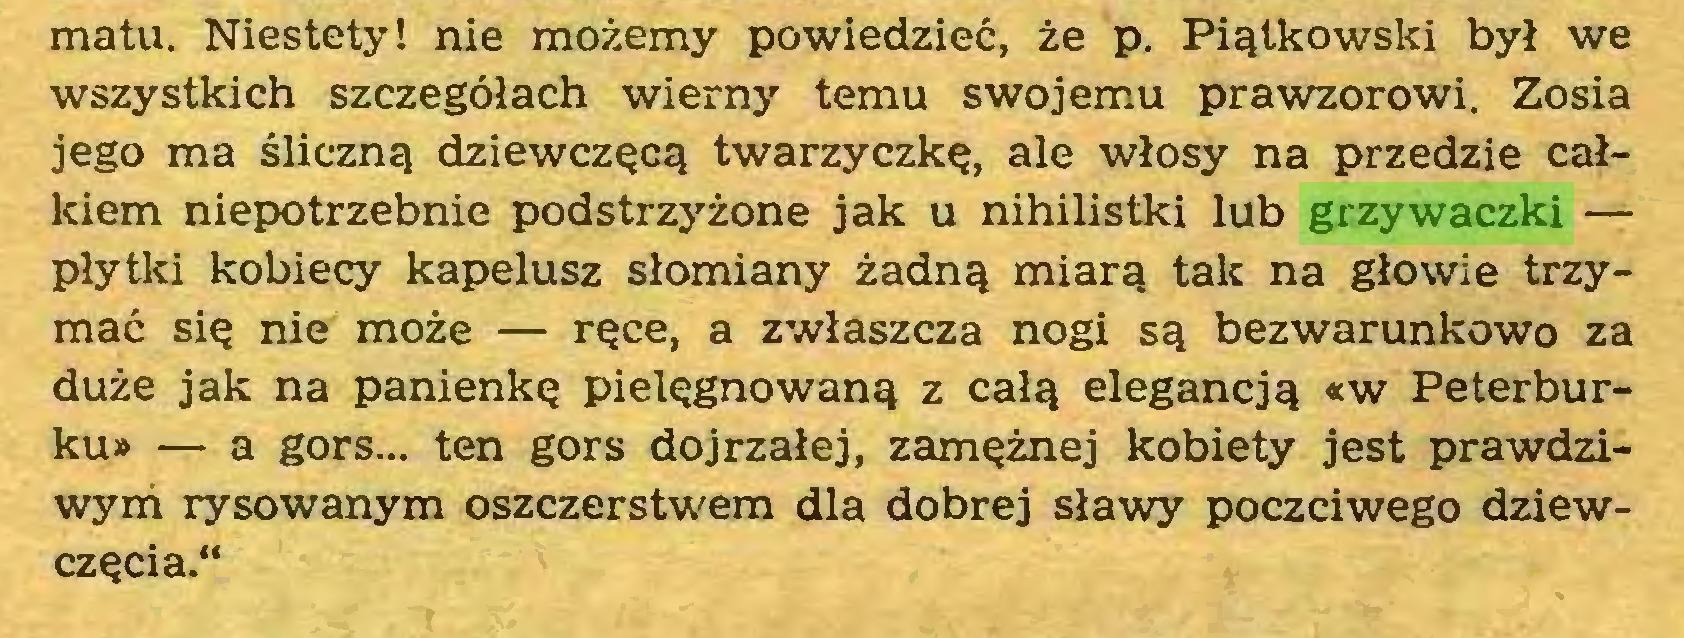 """(...) matu. Niestety! nie możemy powiedzieć, że p. Piątkowski był we wszystkich szczegółach wierny temu swojemu prawzorowi. Zosia jego ma śliczną dziewczęcą twarzyczkę, ale włosy na przedzie całkiem niepotrzebnie podstrzyżone jak u nihilistki lub grzywaczki — płytki kobiecy kapelusz słomiany żadną miarą tak na głowie trzymać się nie może — ręce, a zwłaszcza nogi są bezwarunkowo za duże jak na panienkę pielęgnowaną z całą elegancją «w Peterburku» — a gors... ten gors dojrzałej, zamężnej kobiety jest prawdziwym rysowanym oszczerstwem dla dobrej sławy poczciwego dziewczęcia.""""..."""